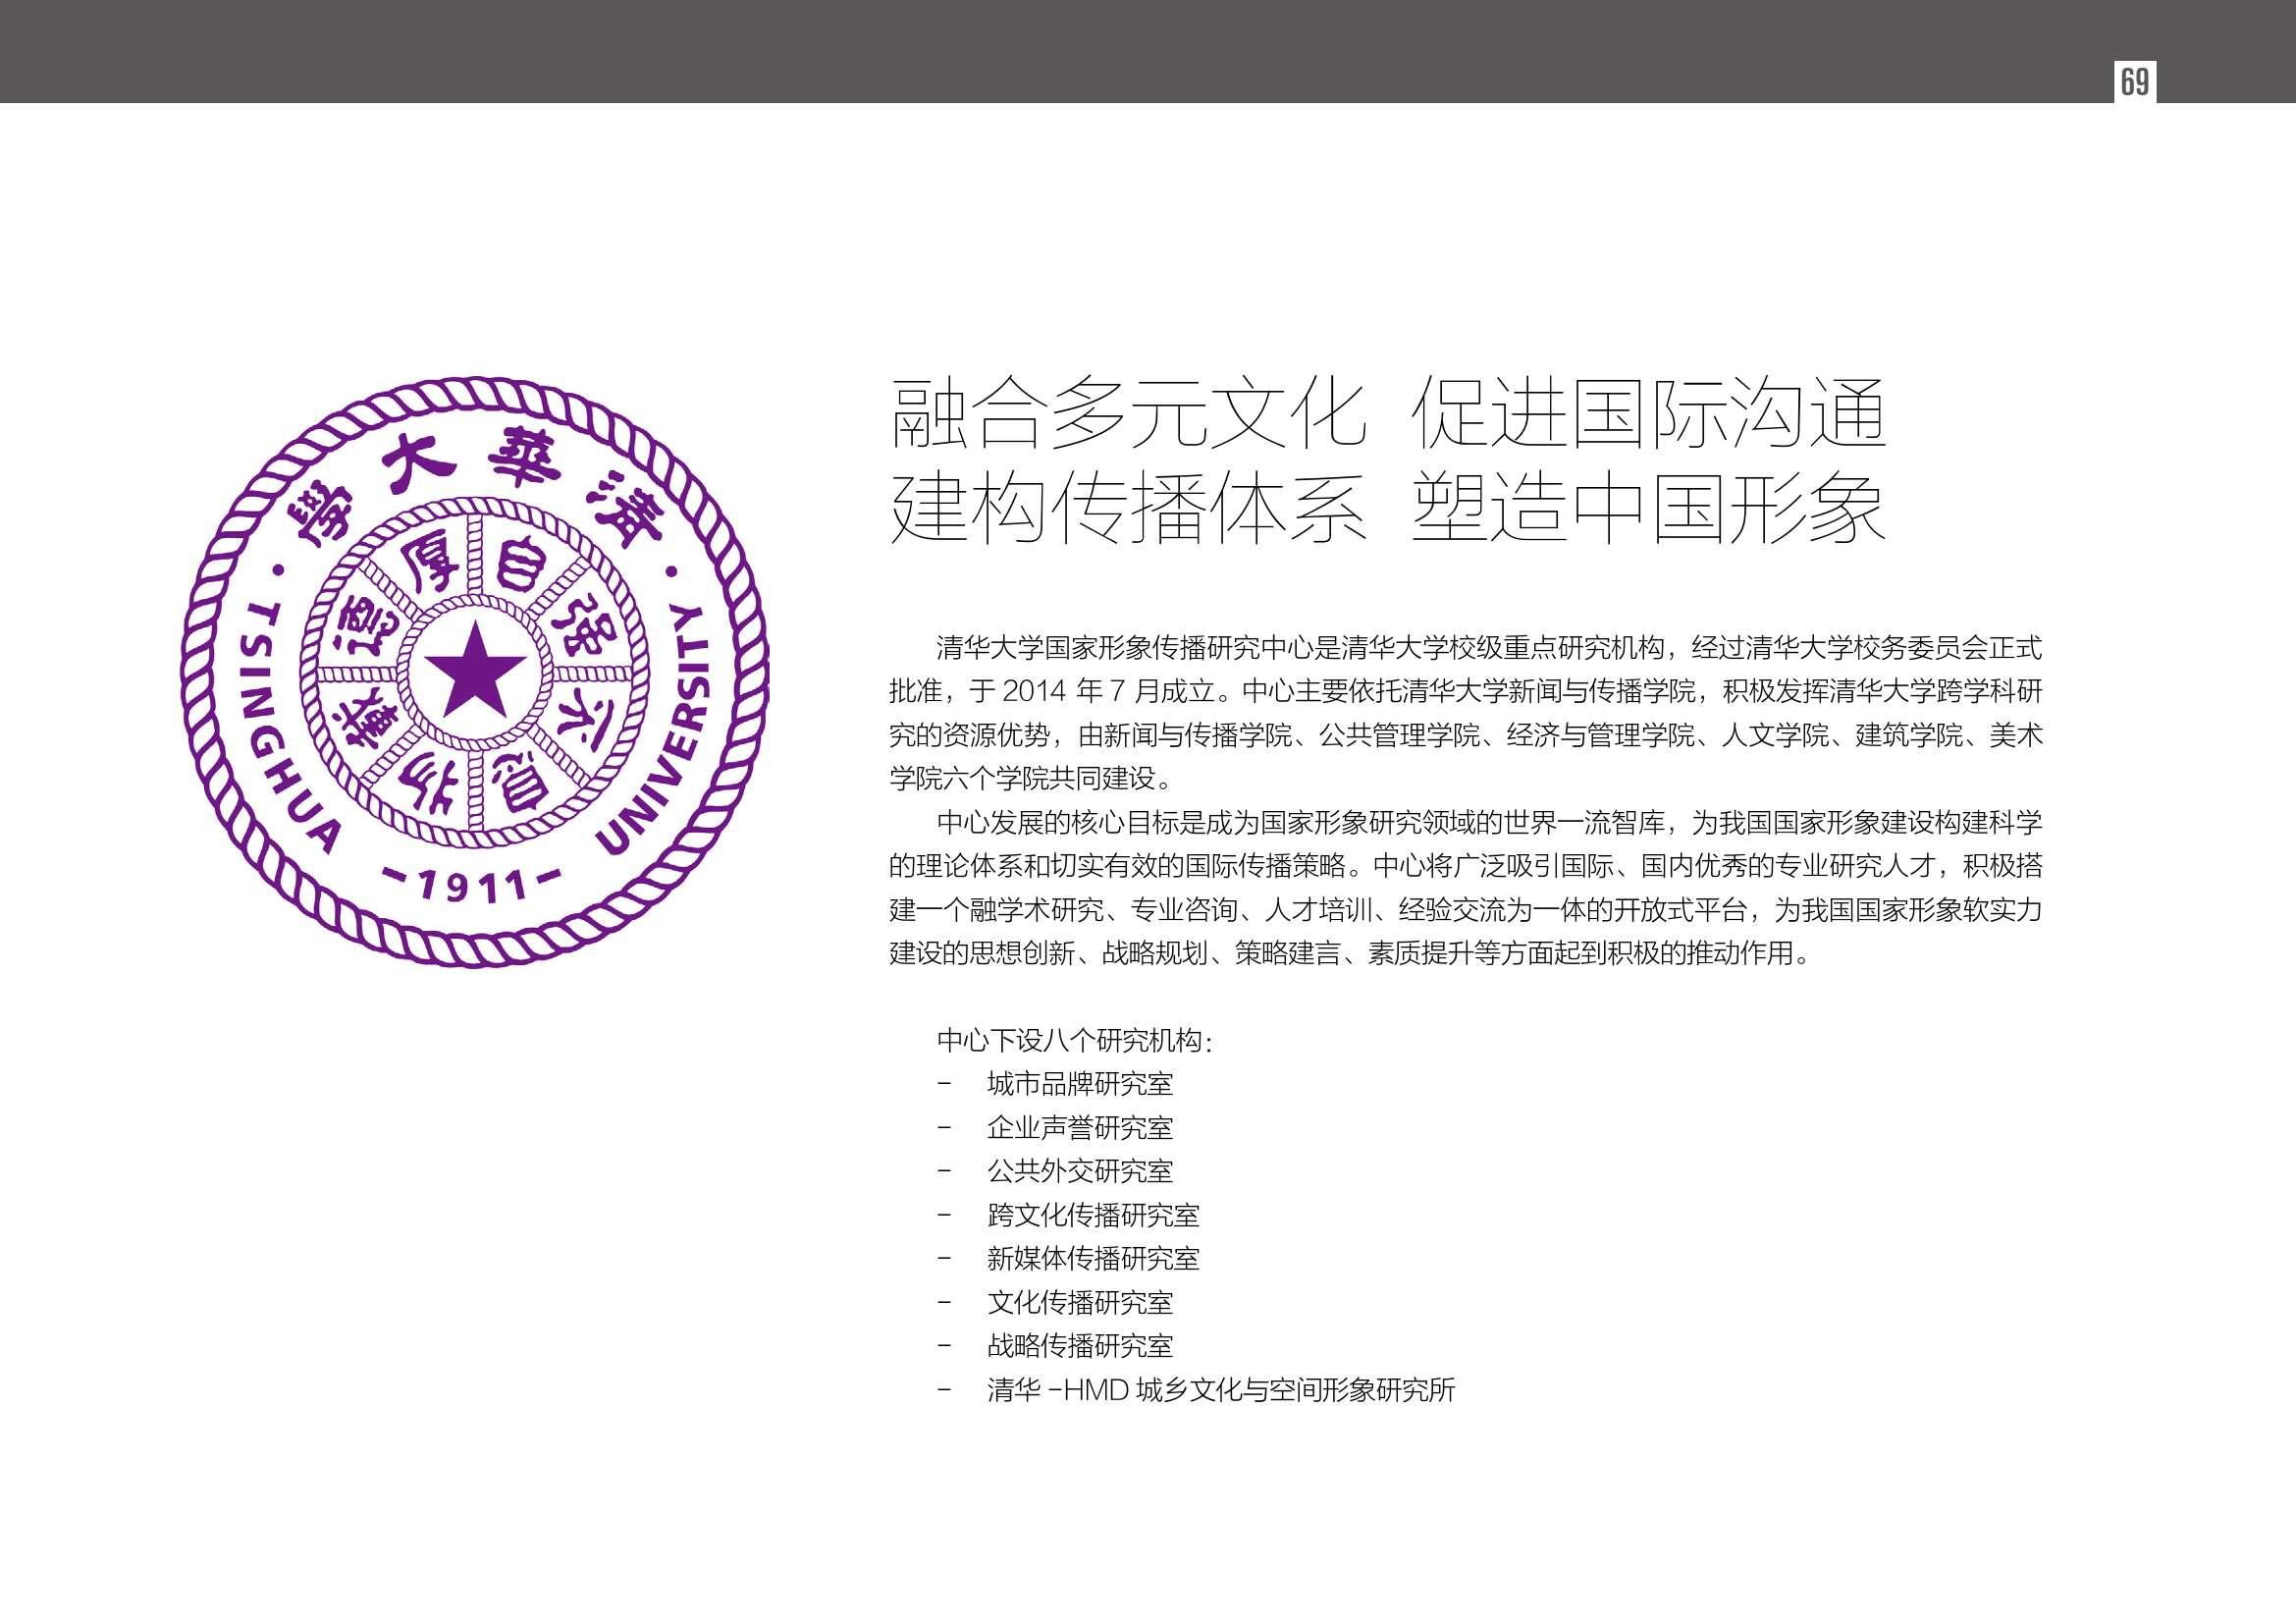 2016中国数字营销行动报告_000069